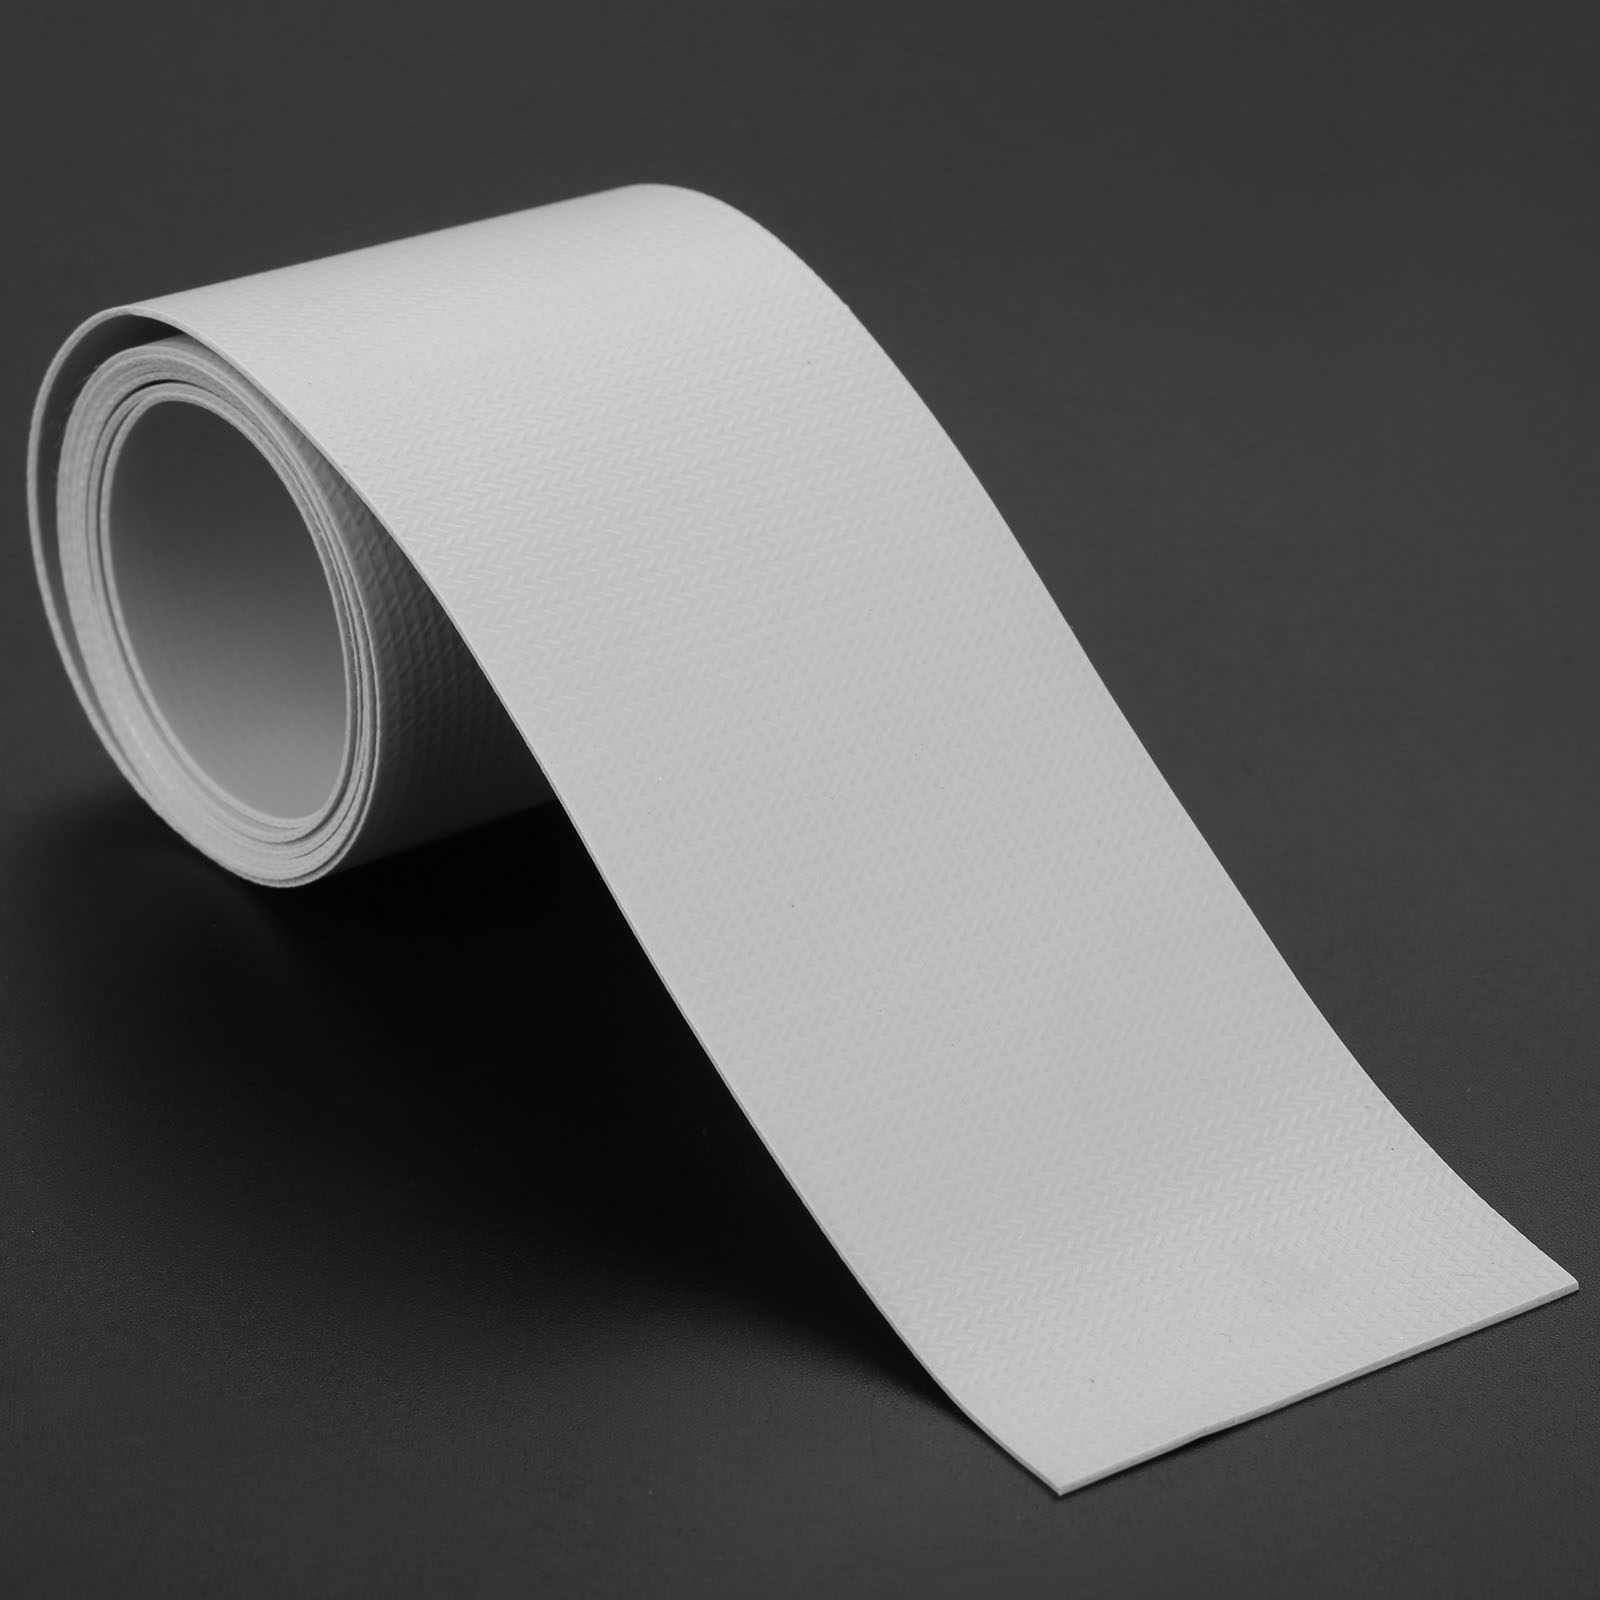 Surieen 1 Cuộn 50*1000 Mm Xám Thuyền Bơm Hơi Kayak Đặc Biệt Bị Hư Hại Rò Rỉ Lỗ Nhựa PVC Miếng Vá Sửa Chữa Dán Chống Thấm Nước miếng Dán Công Cụ